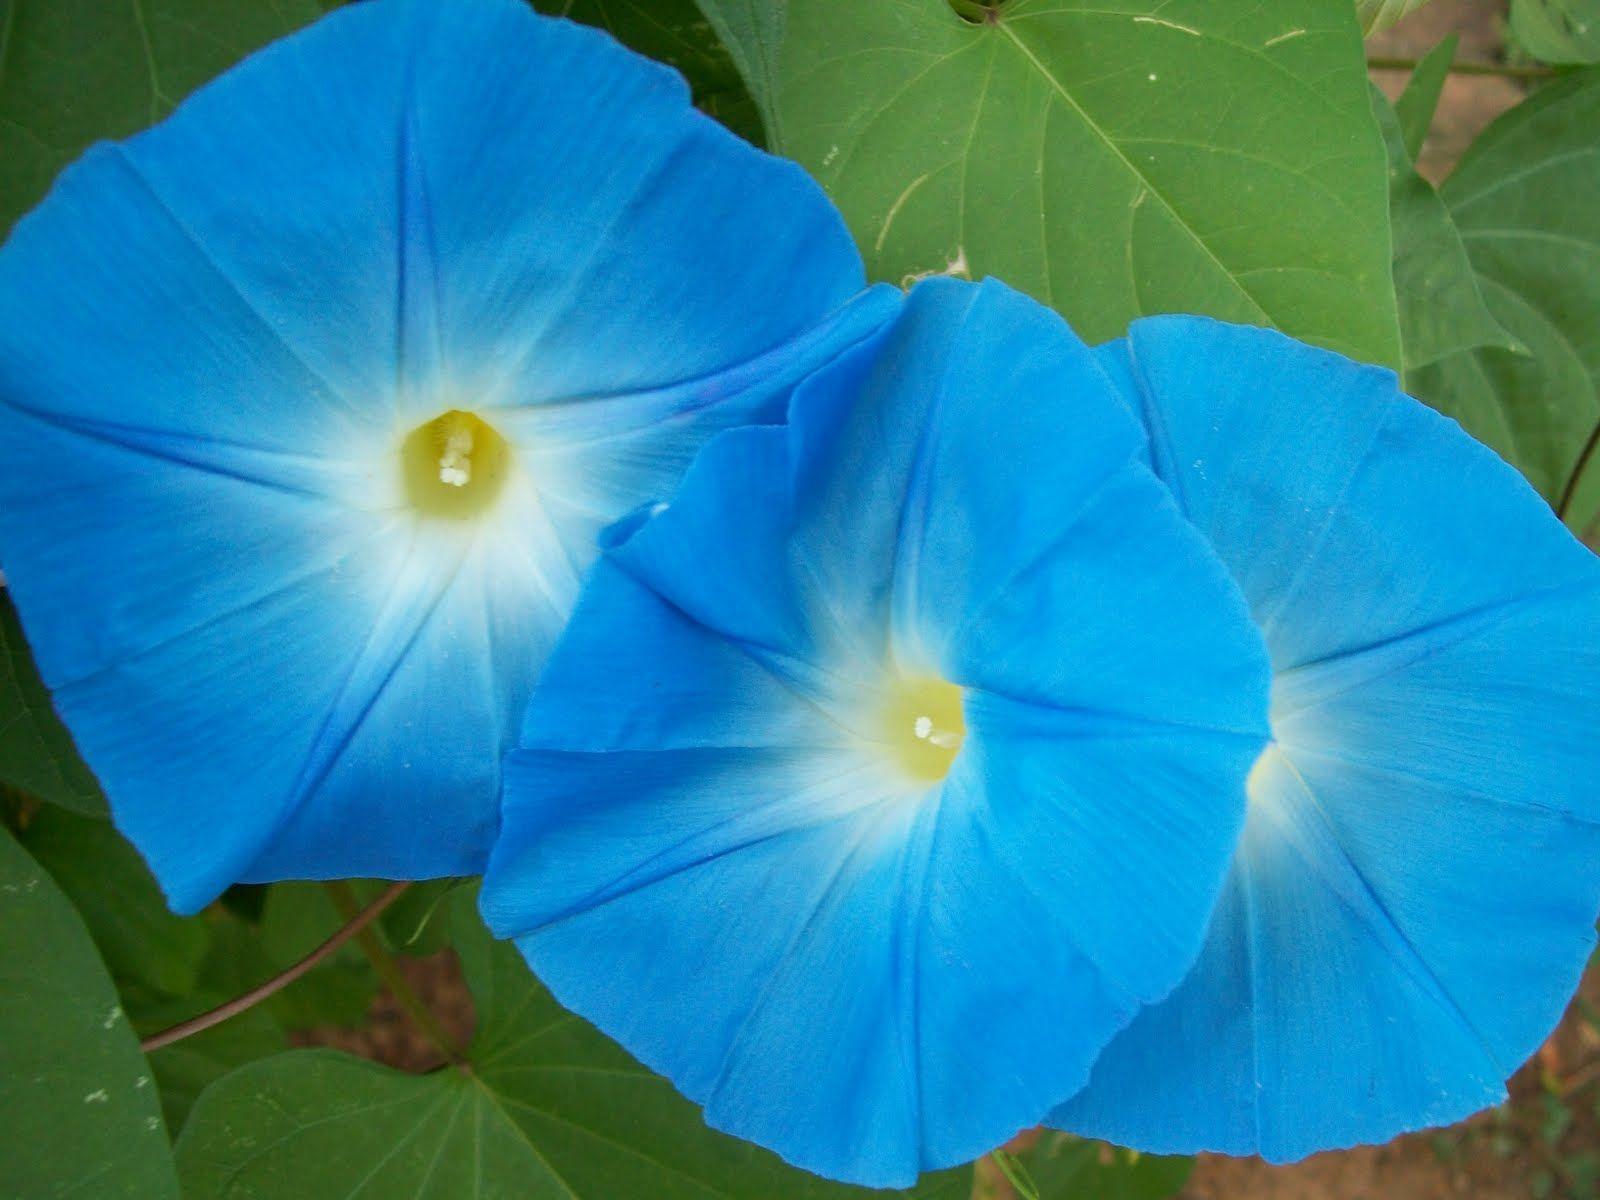 Blue Moonflower Blue Moon Flower For Jill In Bouquet Flowers